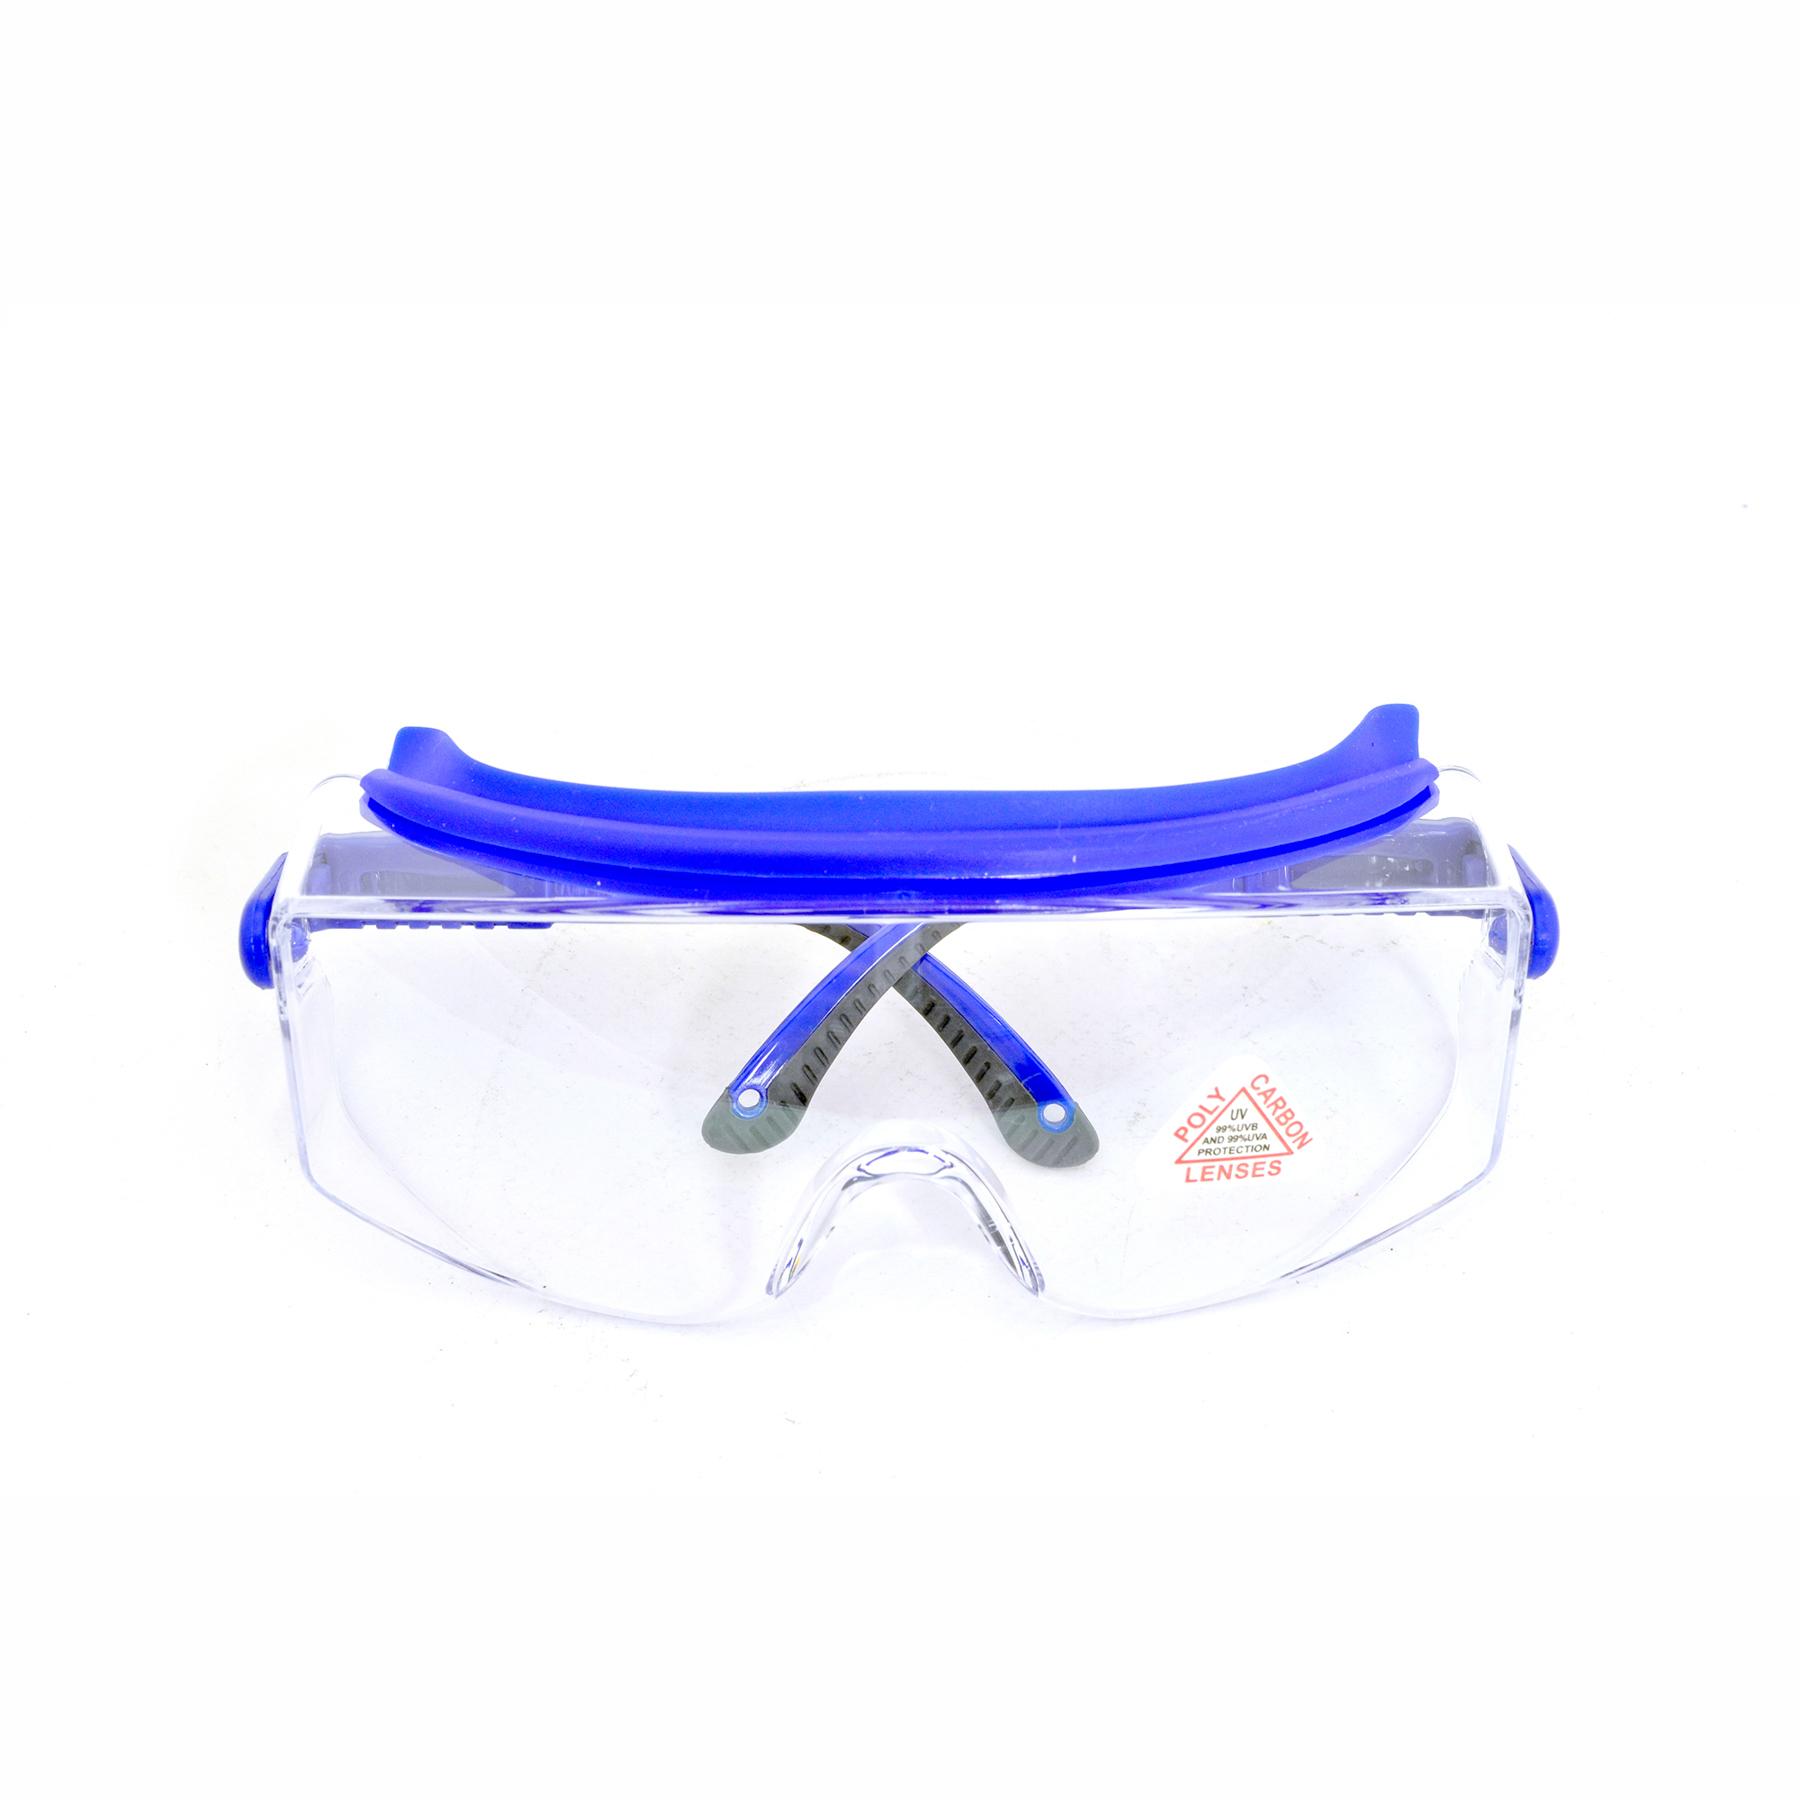 8e9f7a1e50c Clear Safety Glasses fits over prescription glasses - Santa Fe ...